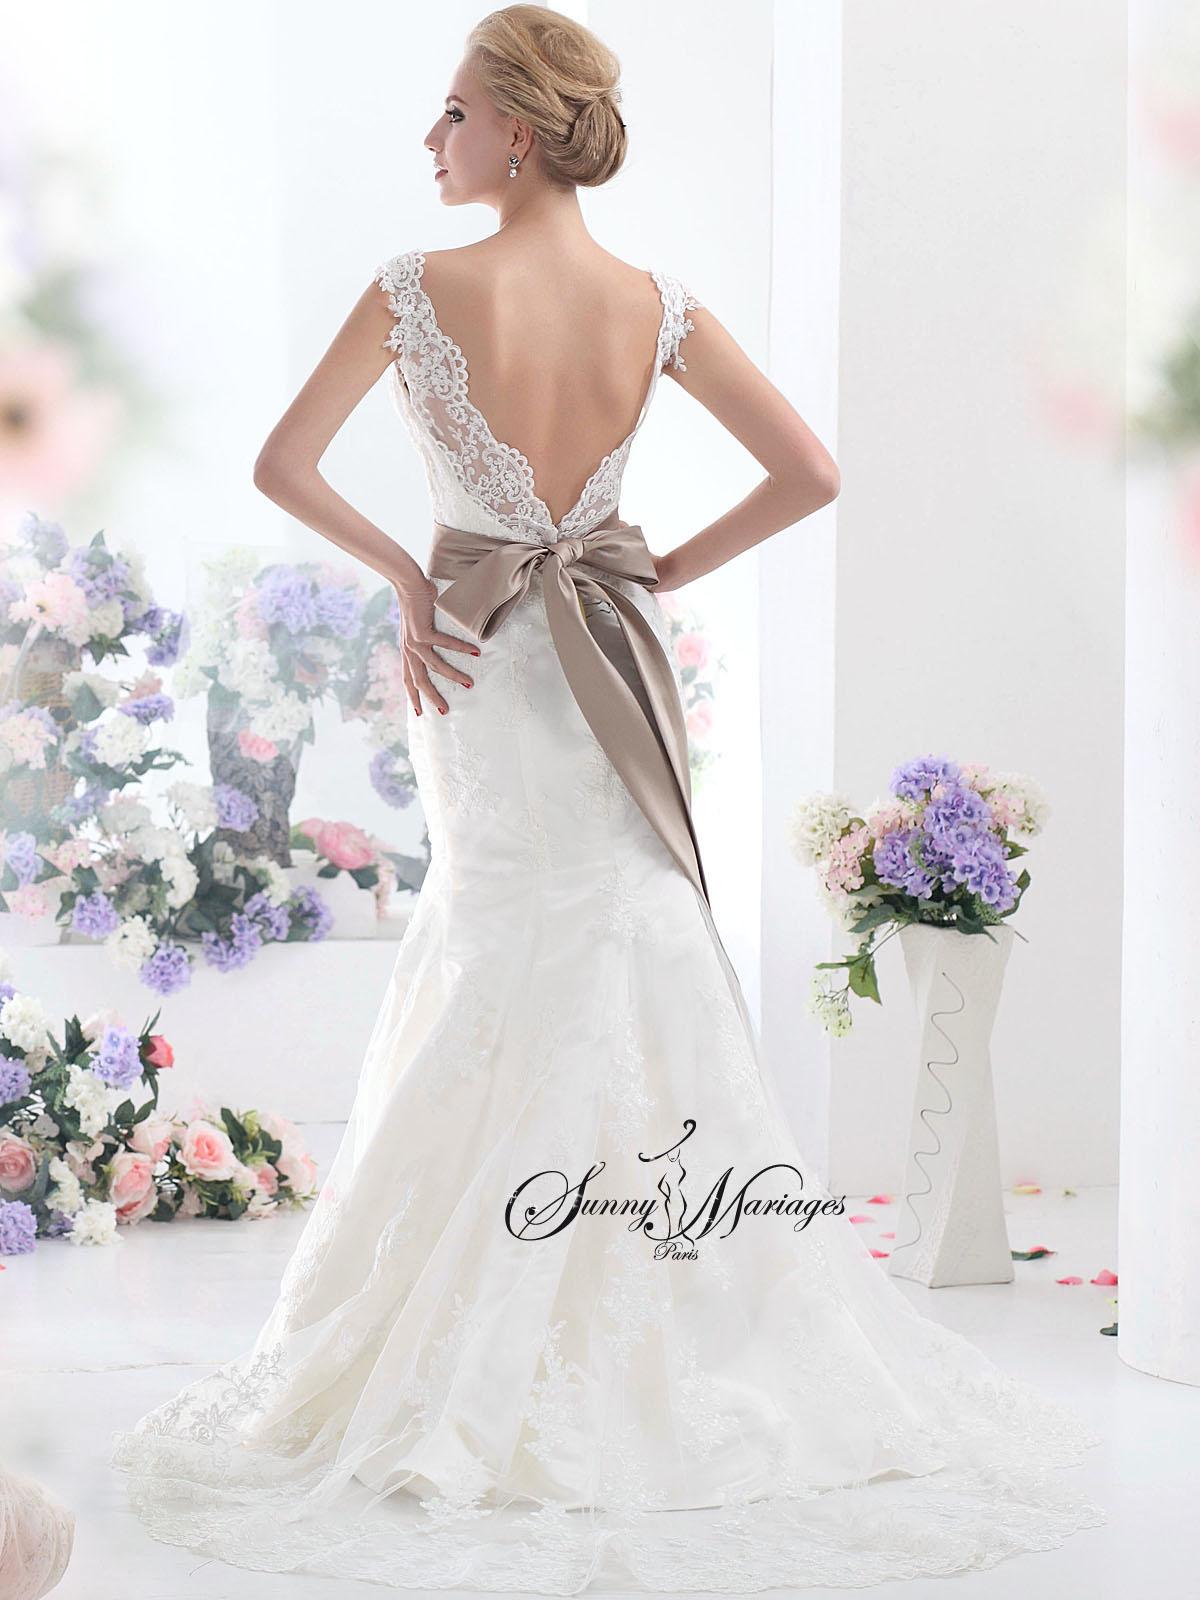 ... de robe de mariee tout le romantisme intemporelle de la dentelle qui